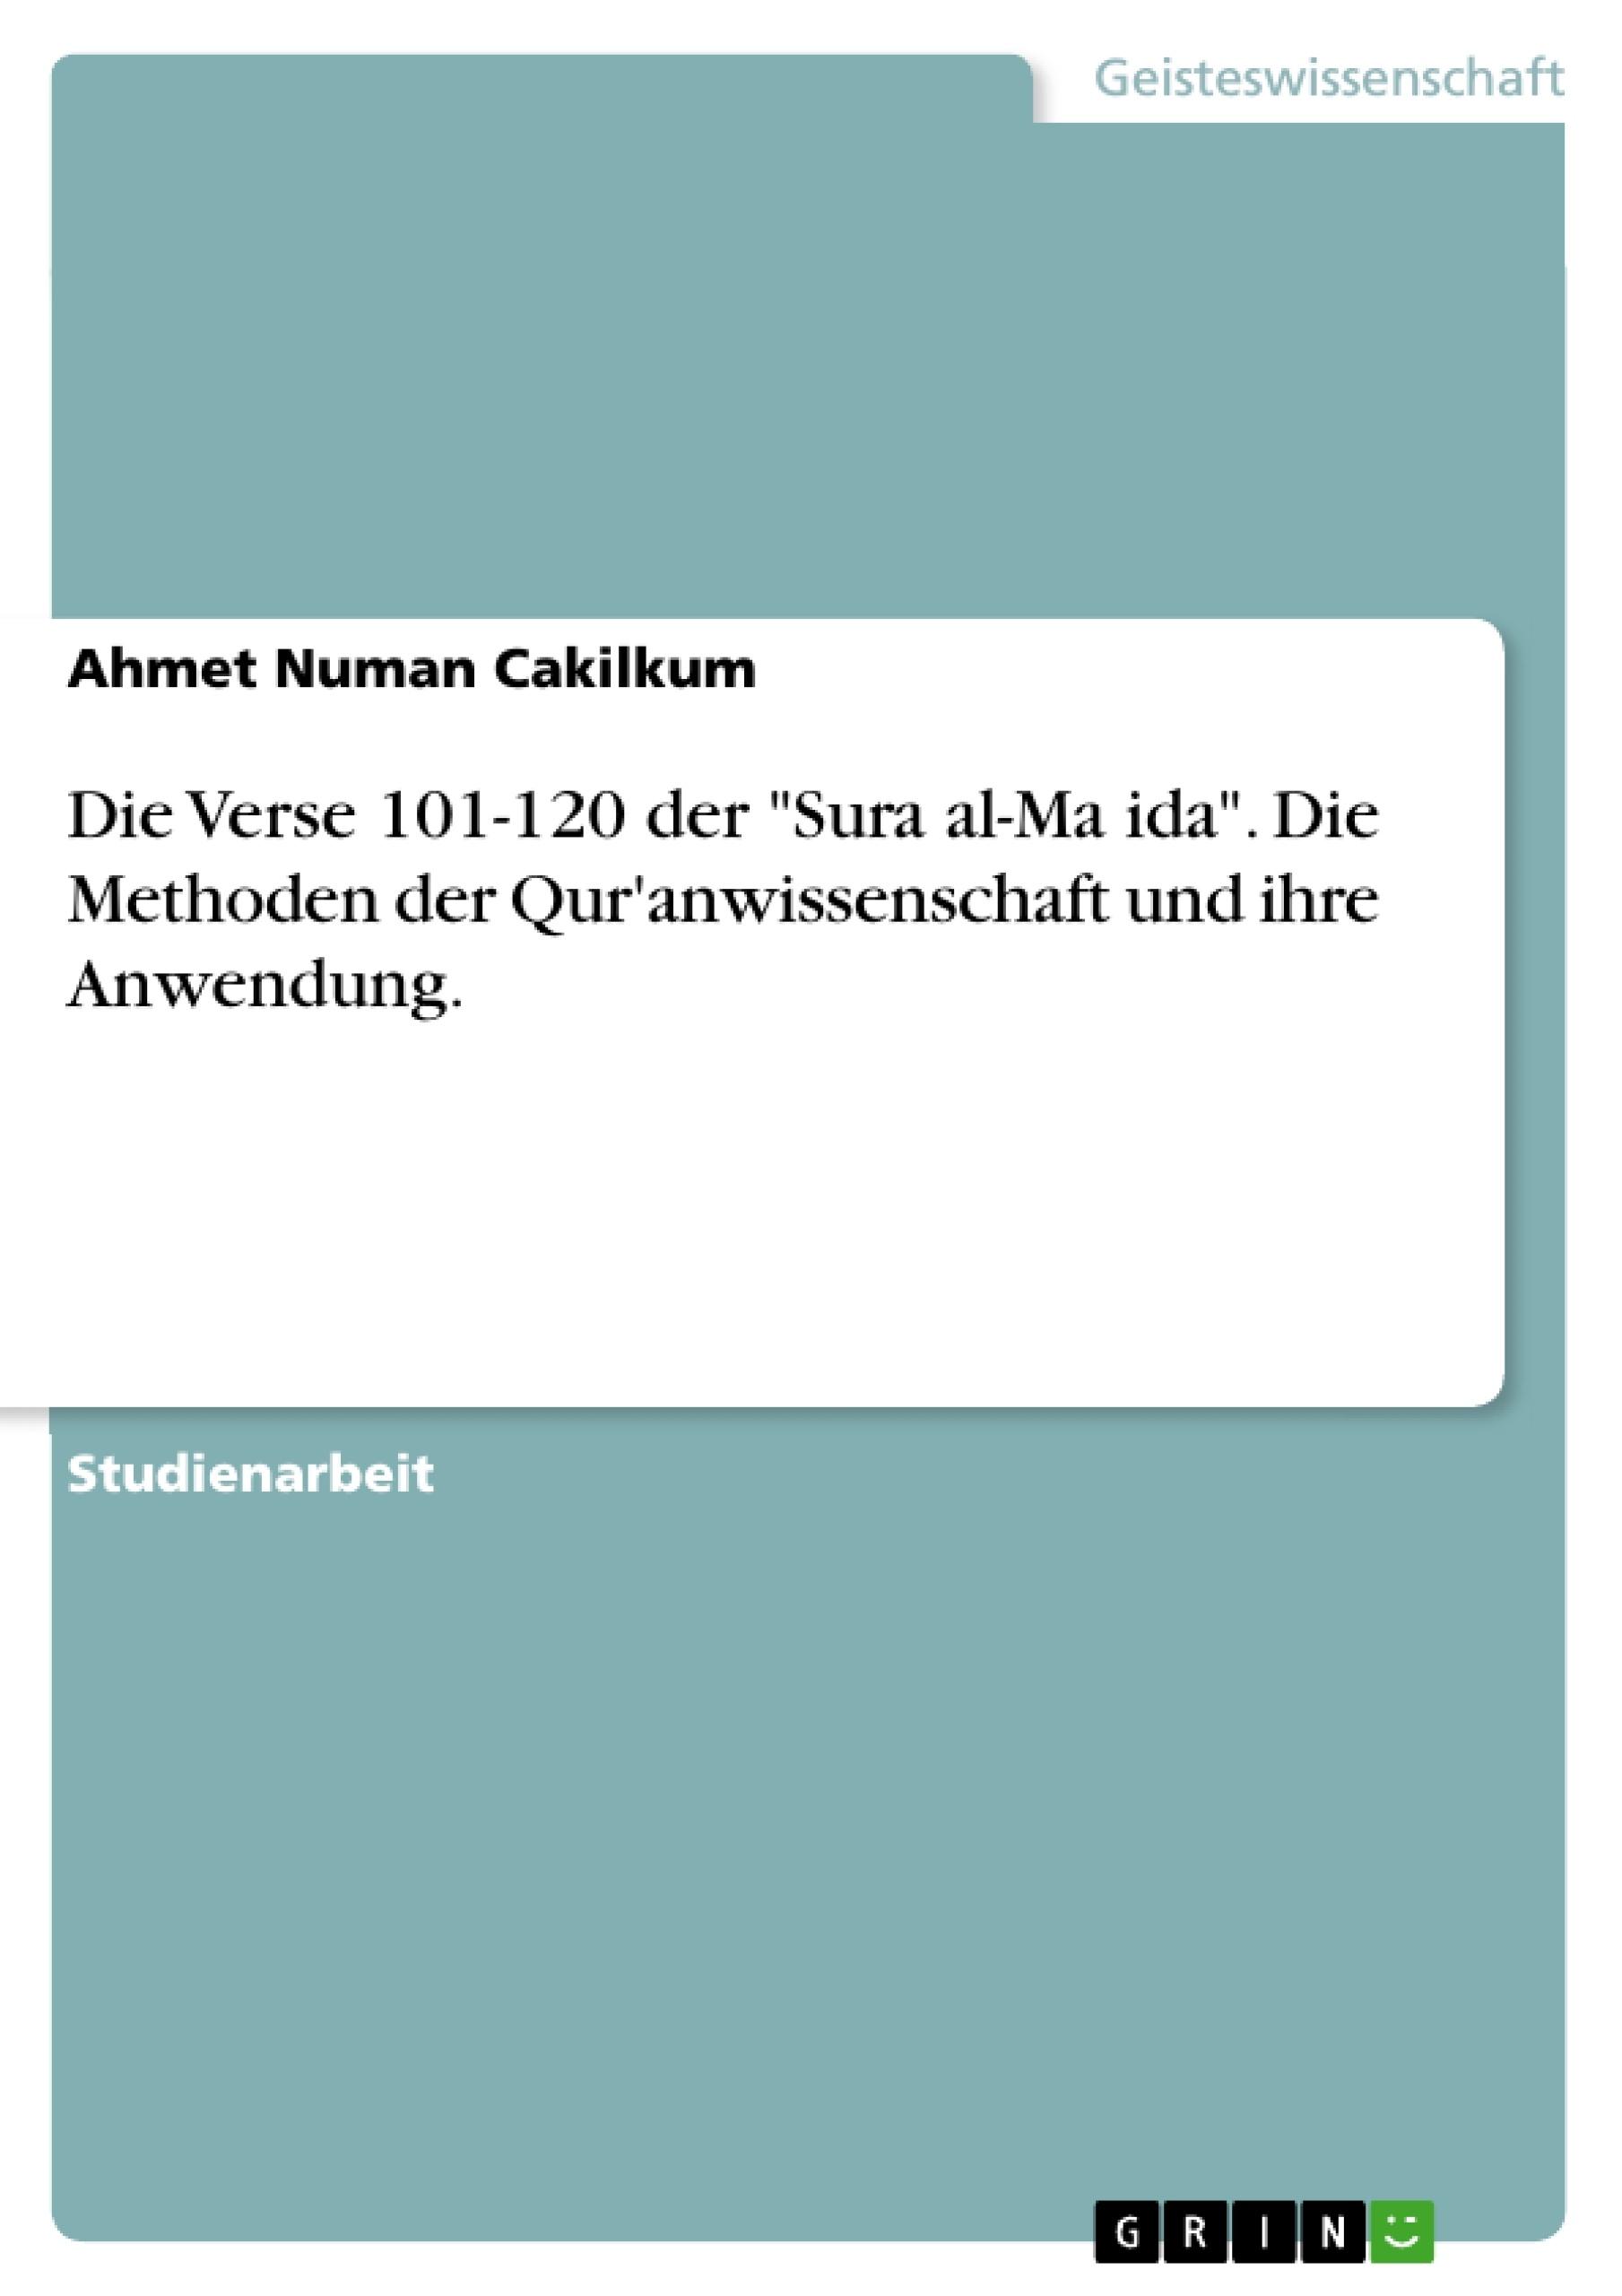 """Titel: Die Verse 101-120 der """"Sura al-Maʾida"""". Die Methoden der Qur'anwissenschaft und ihre Anwendung."""